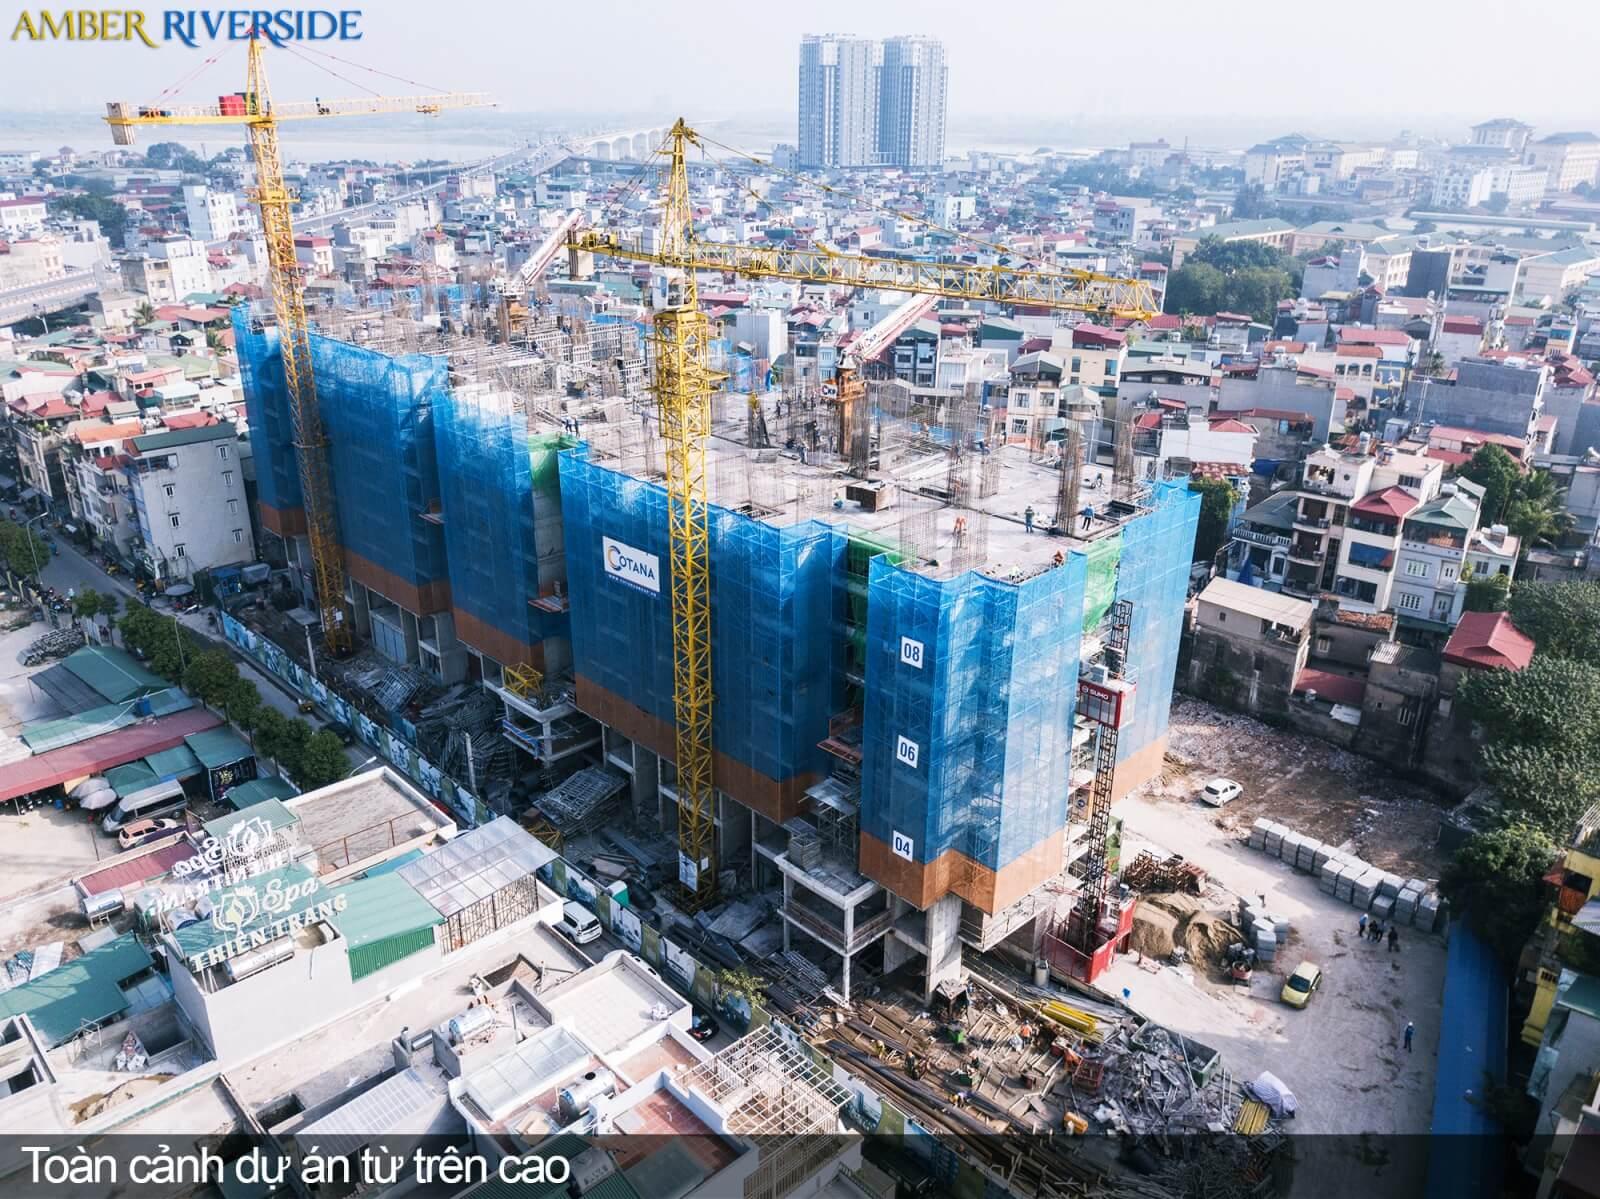 Toàn cảnh của dự án 622 Minh Khai nhìn từ trên cao